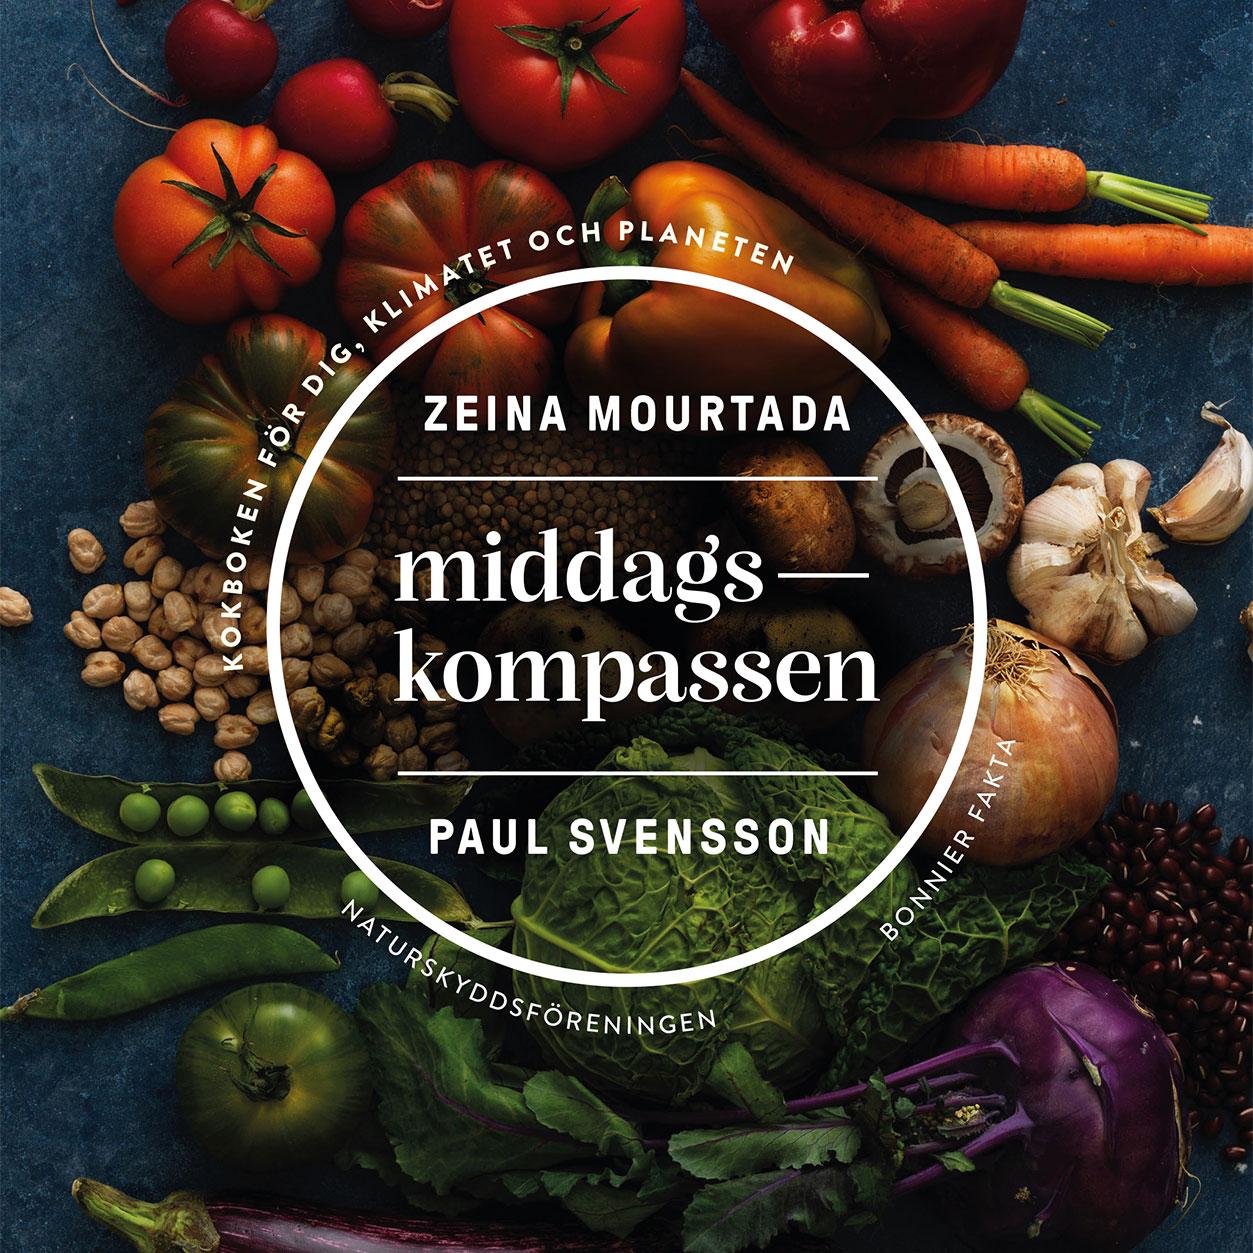 Middagskompassen, bokomslag, årets bok, zeina, paul svensson